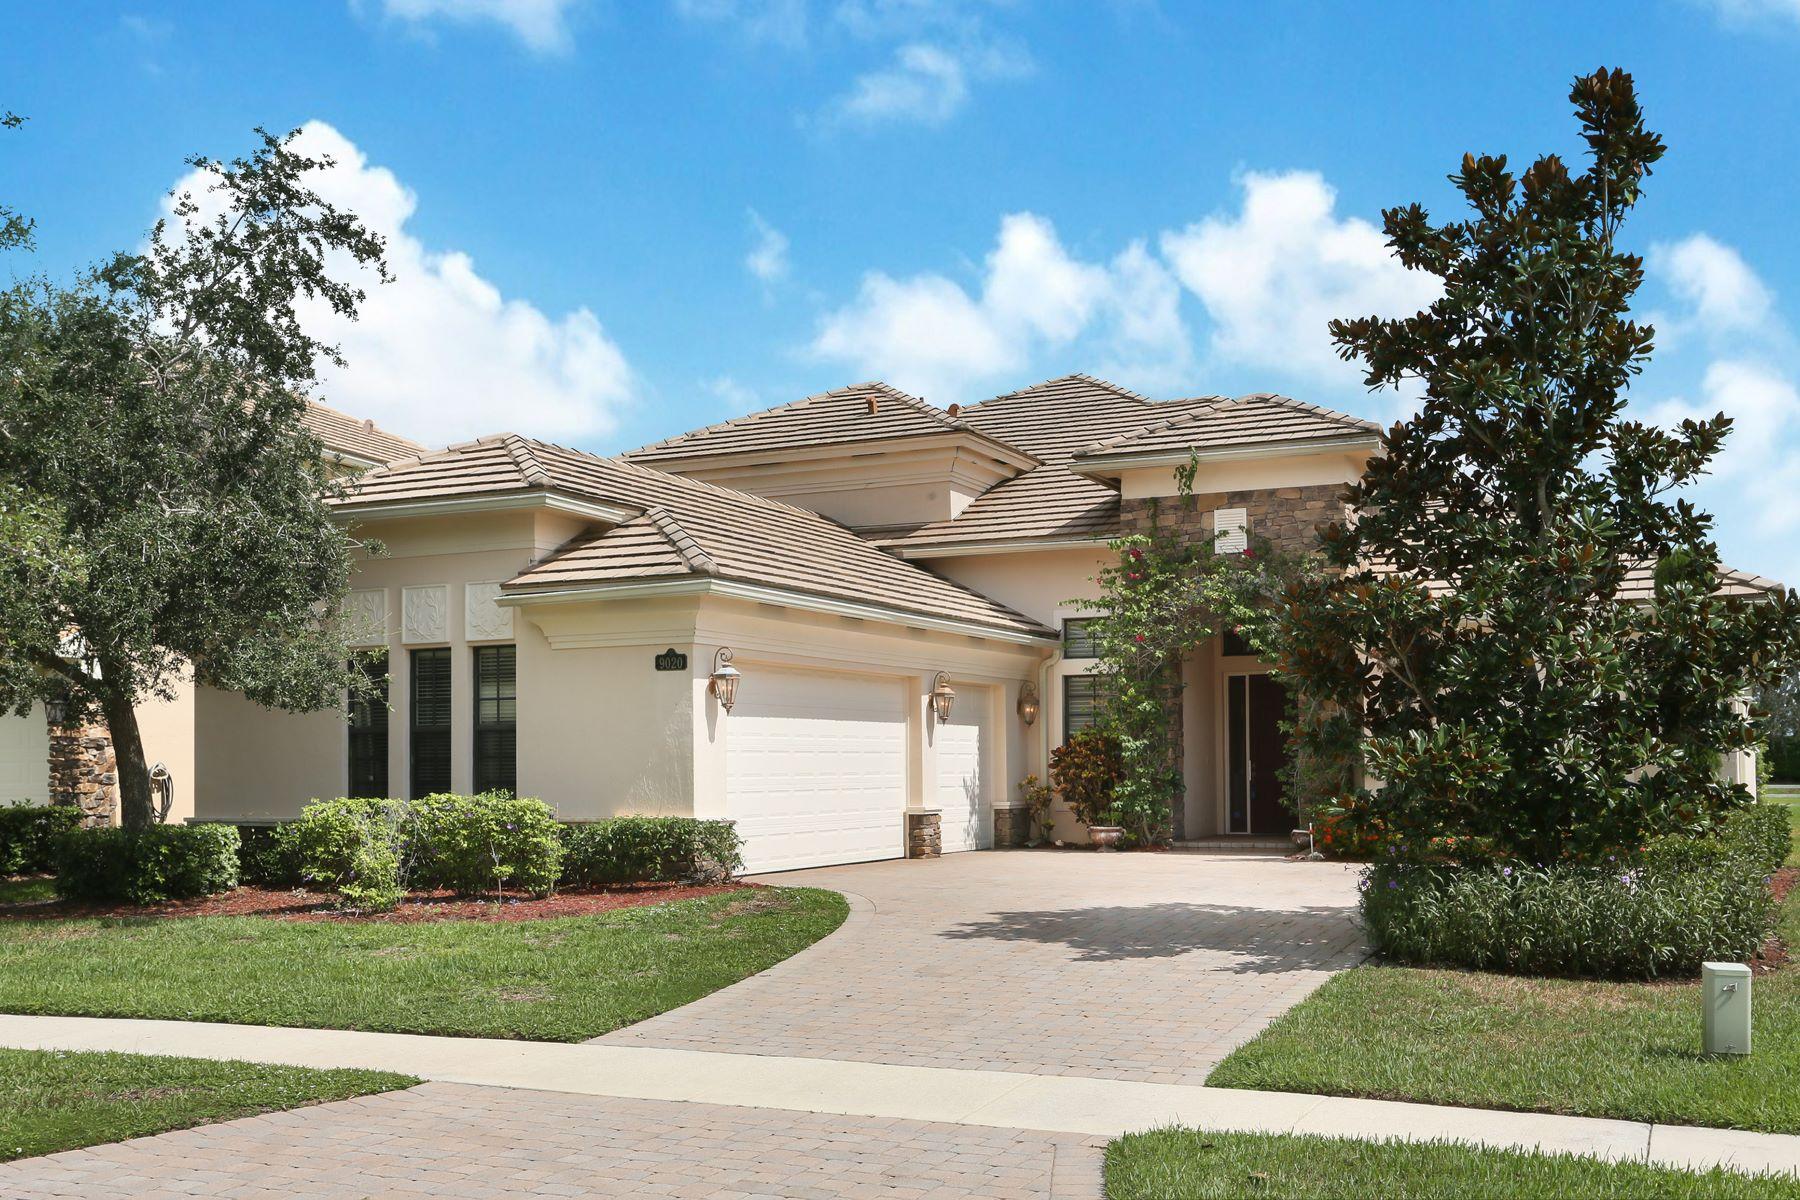 Частный односемейный дом для того Продажа на 9020 Equus Cir 9020 Equus Cir Boynton Beach, Флорида 33472 Соединенные Штаты